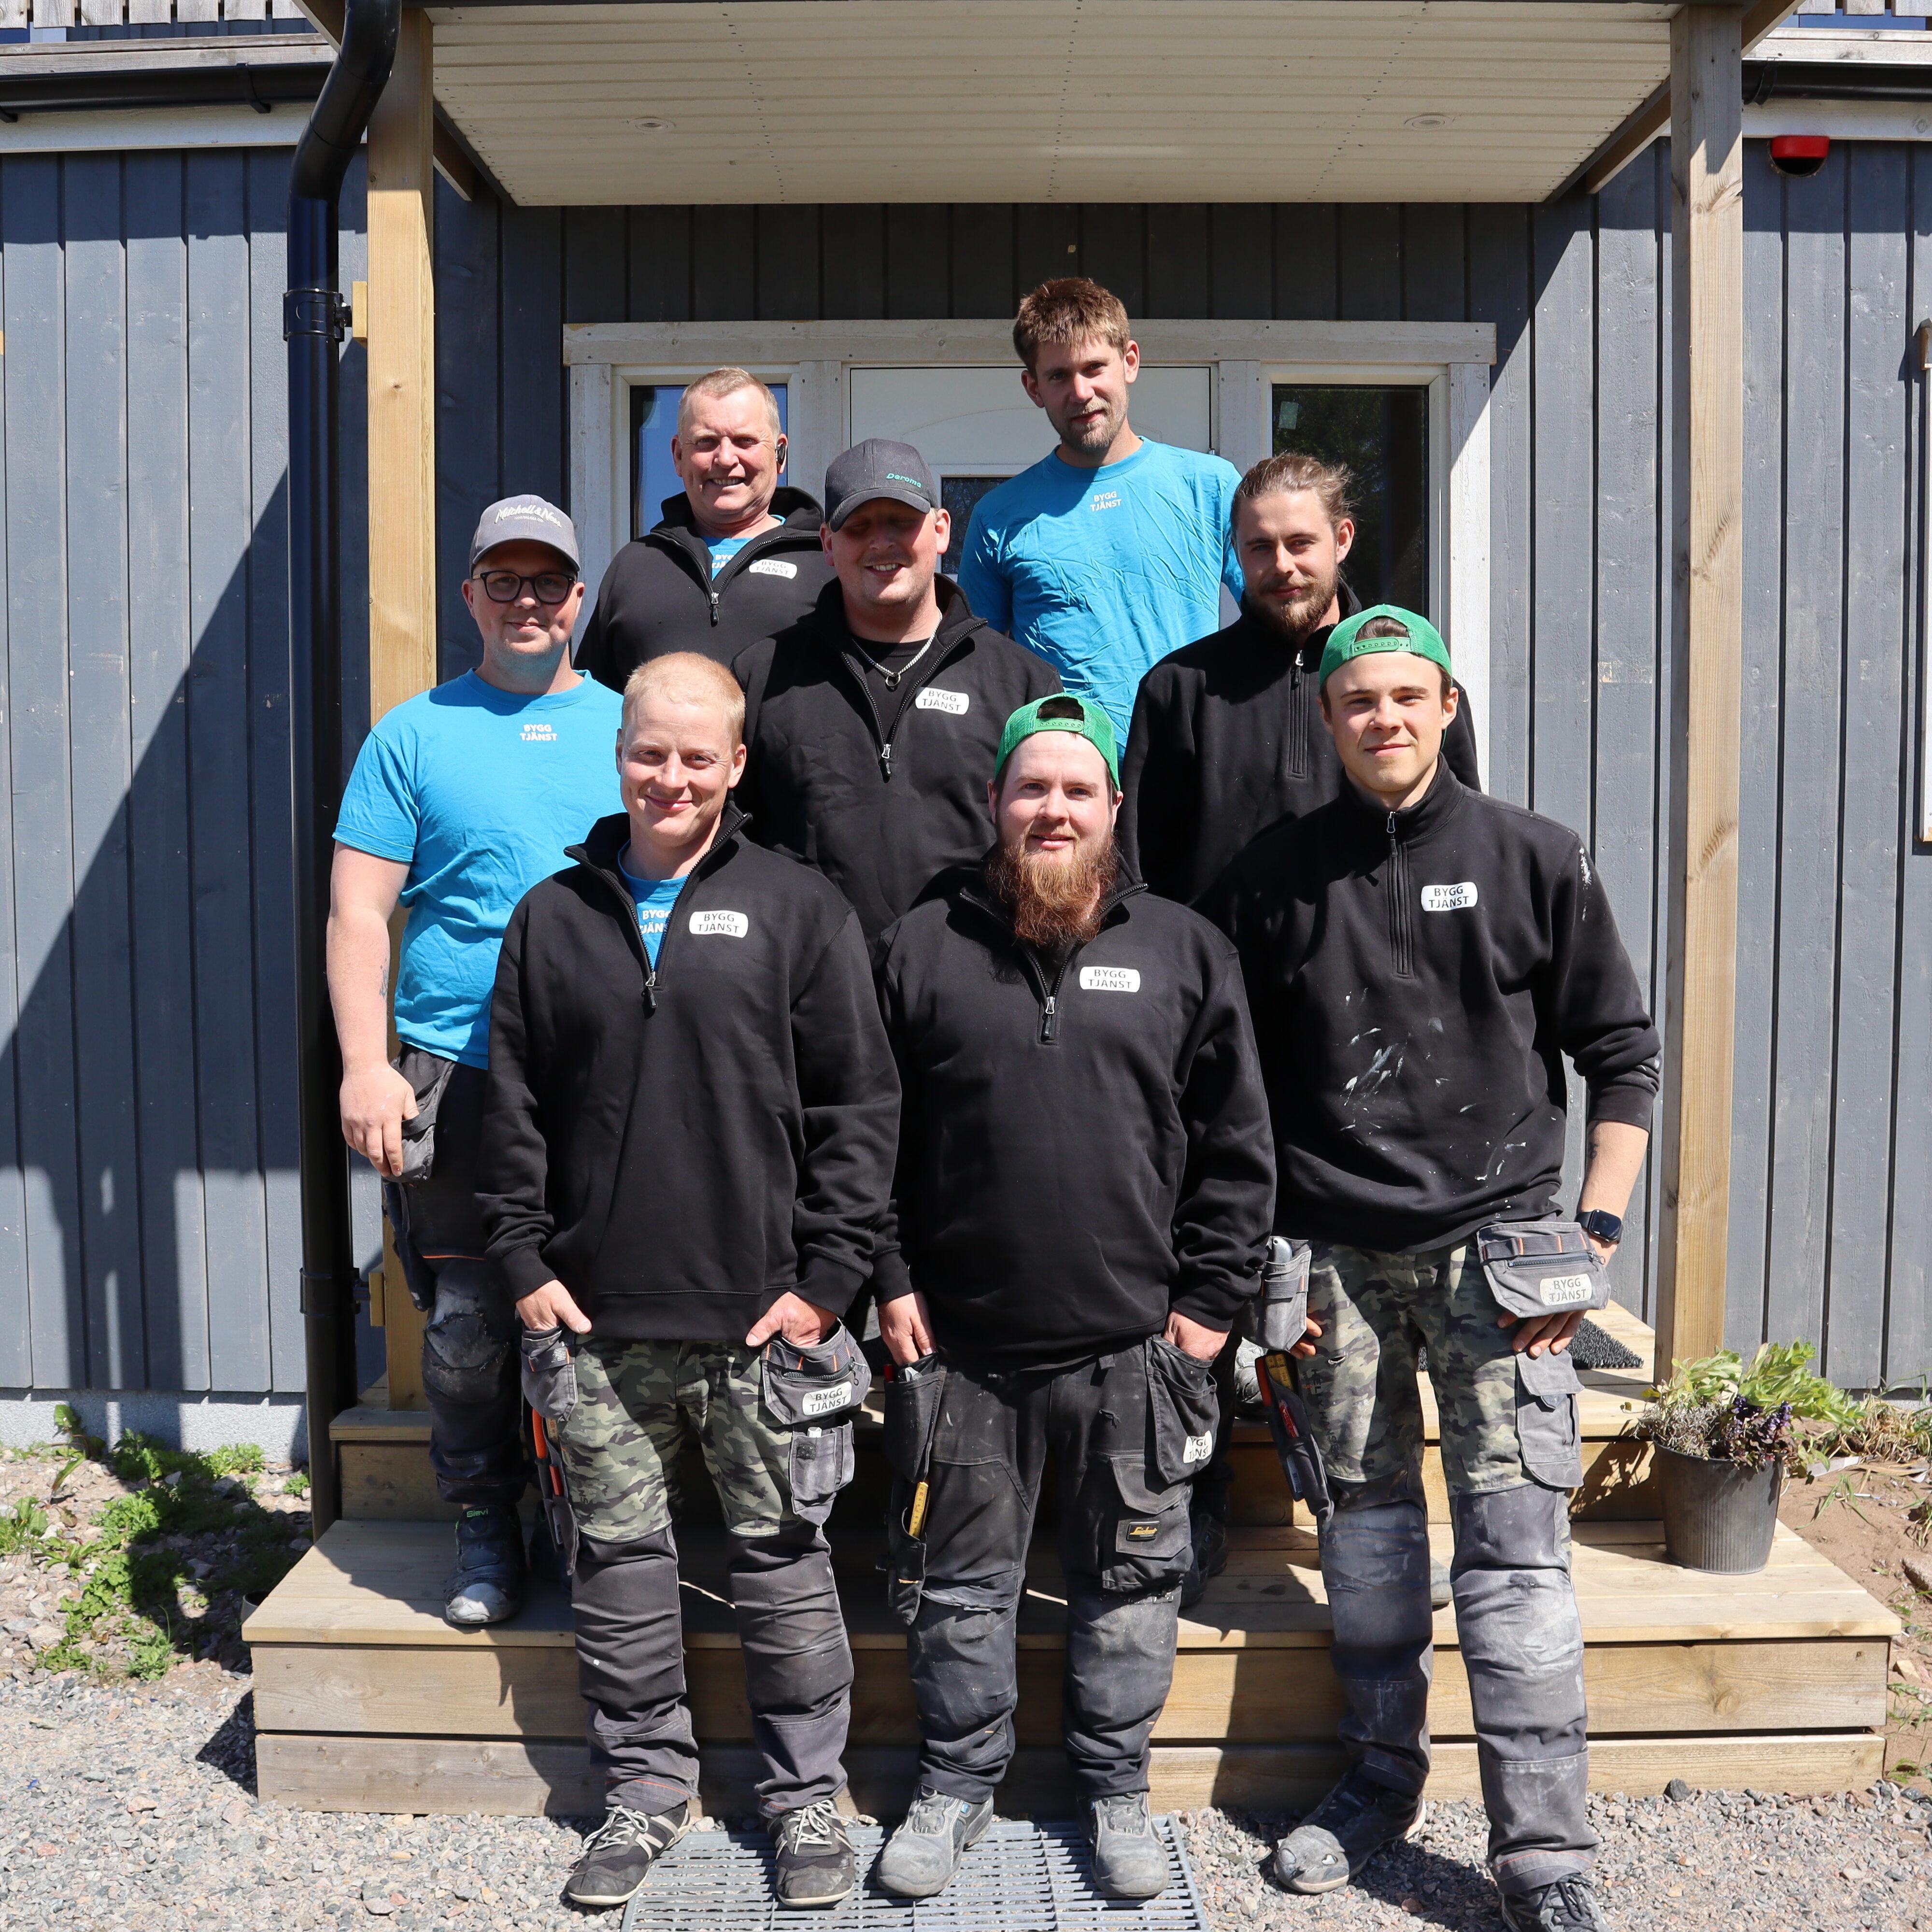 Gruppfoto på snickarna som arbetar på Byggtjänst i Träslöv AB